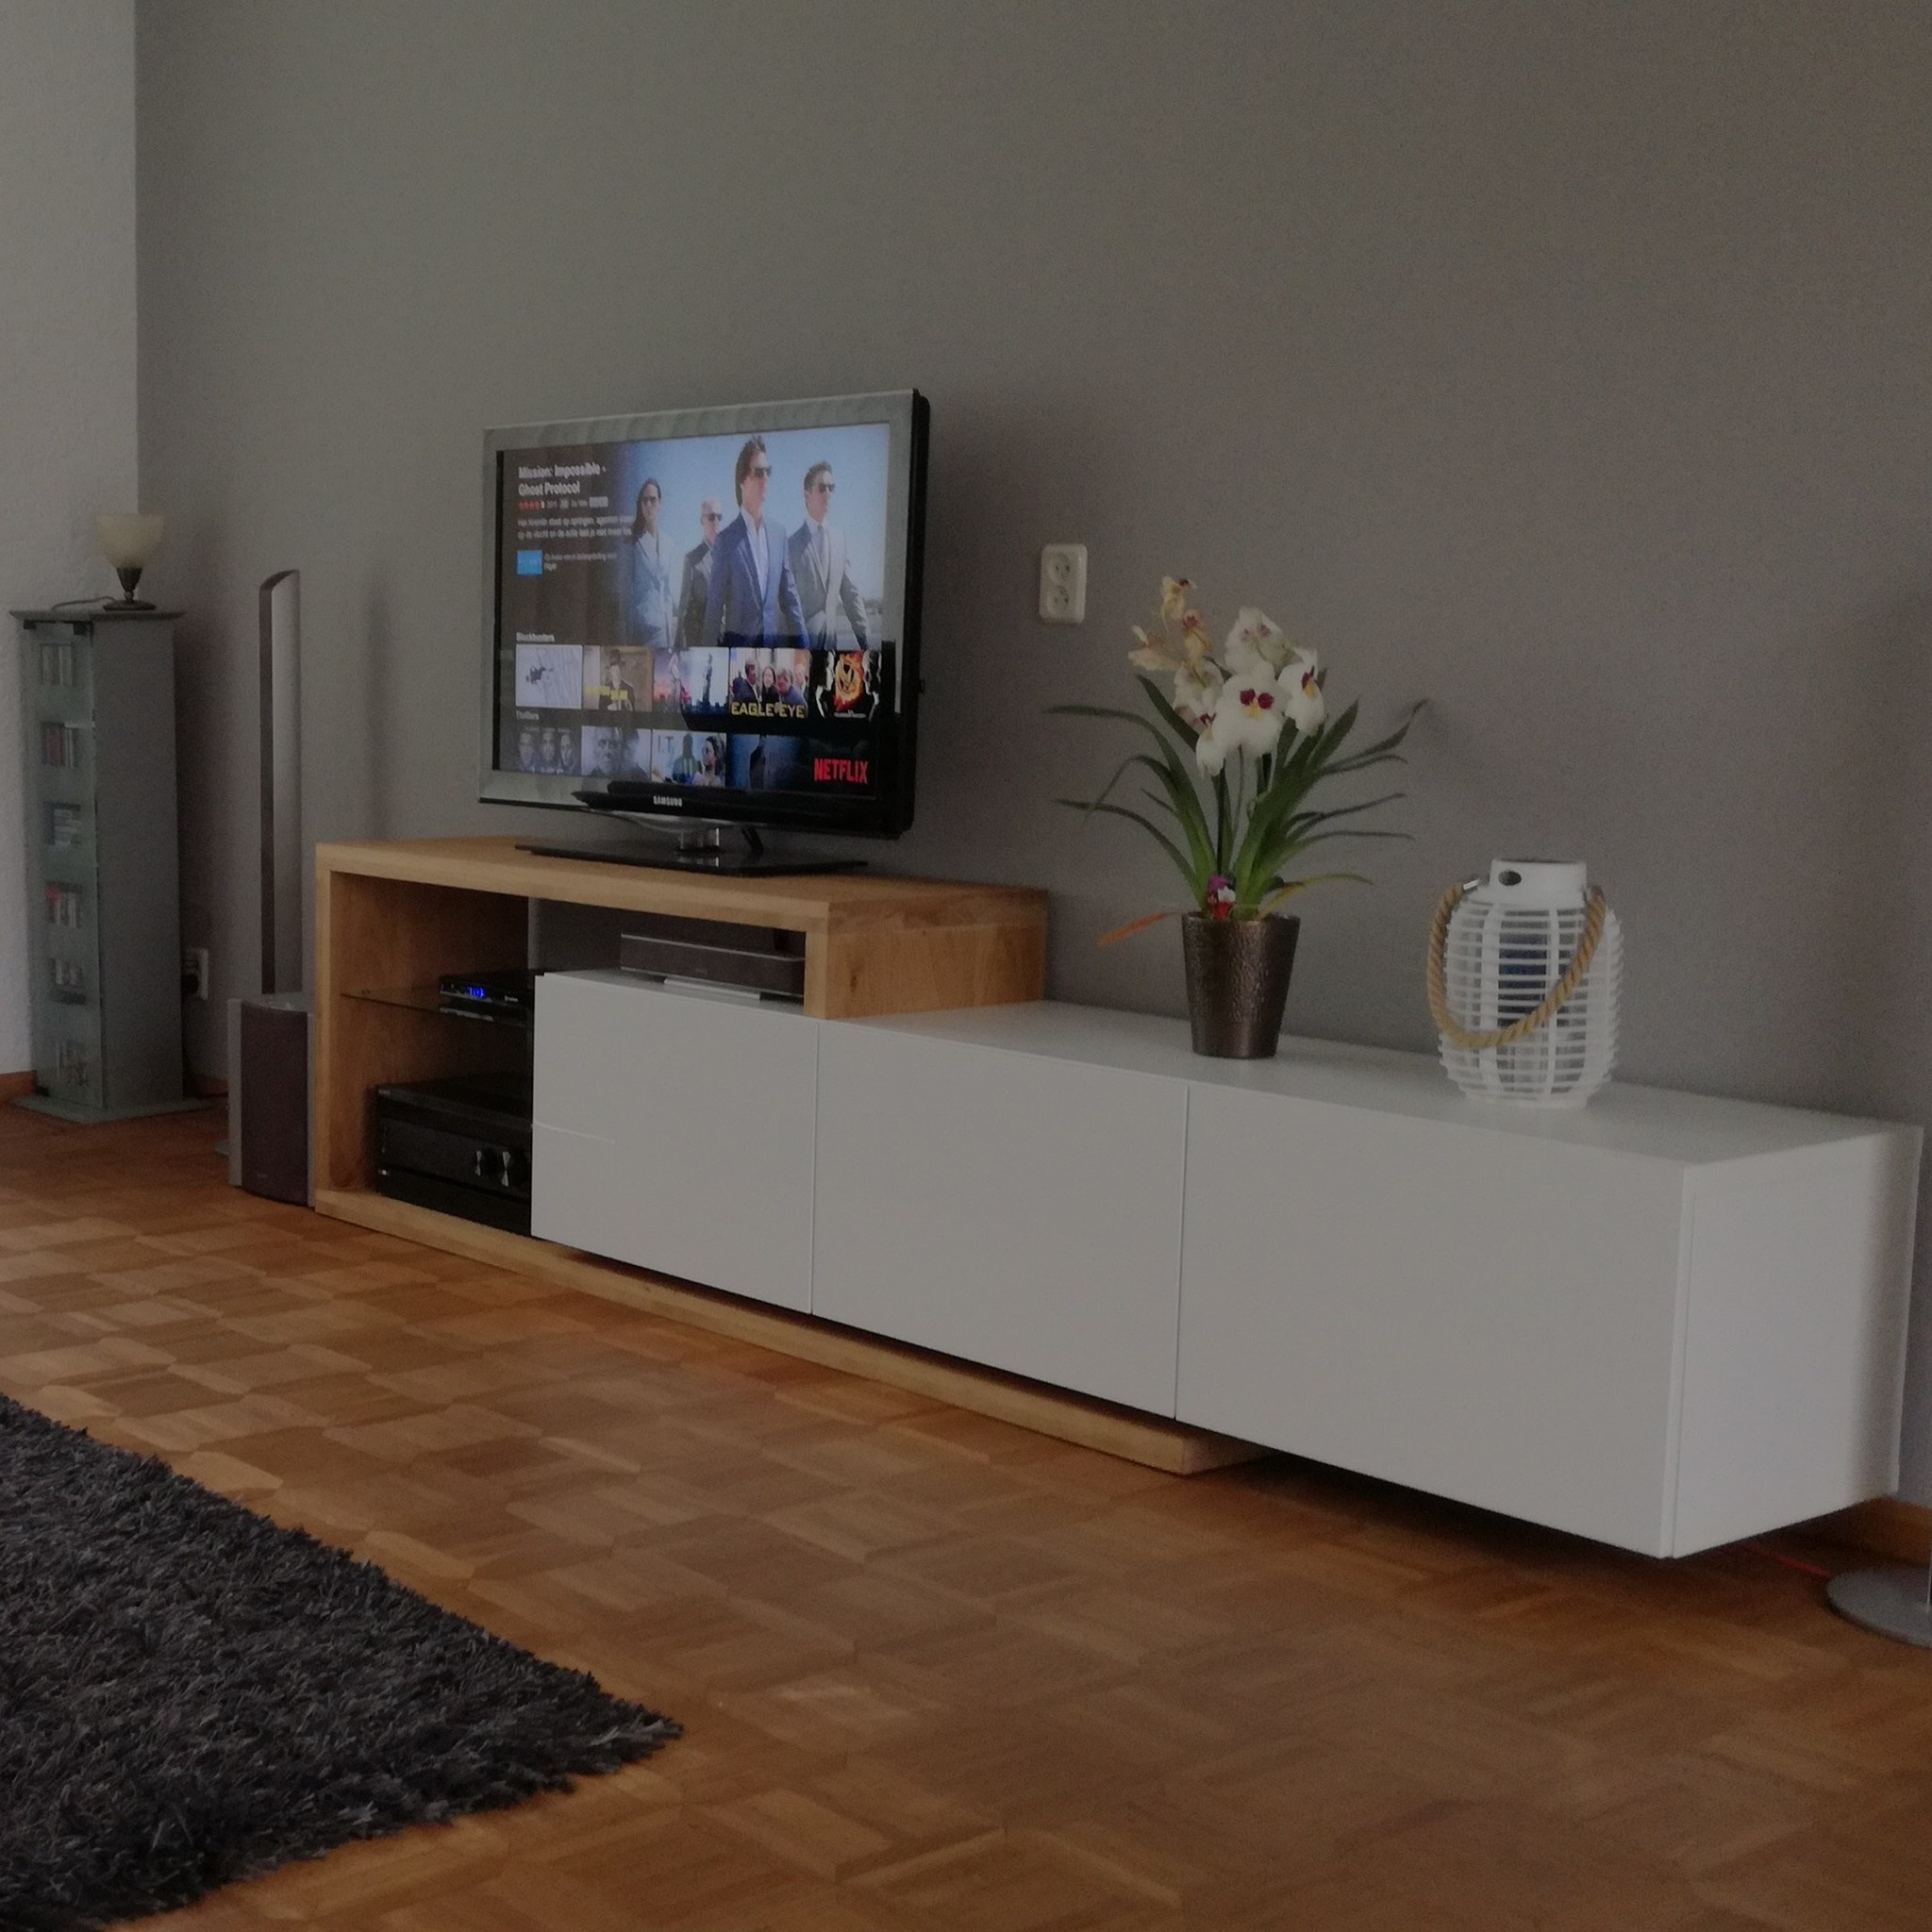 Leimholzplatte Eiche nach Maß - 6 cm dick (3-lagig) - Eichenholz rustikal - Gebürstet - Eiche Holzplatte - verleimt & künstlich getrocknet (HF 8-12%) - 15-120x20-300 cm